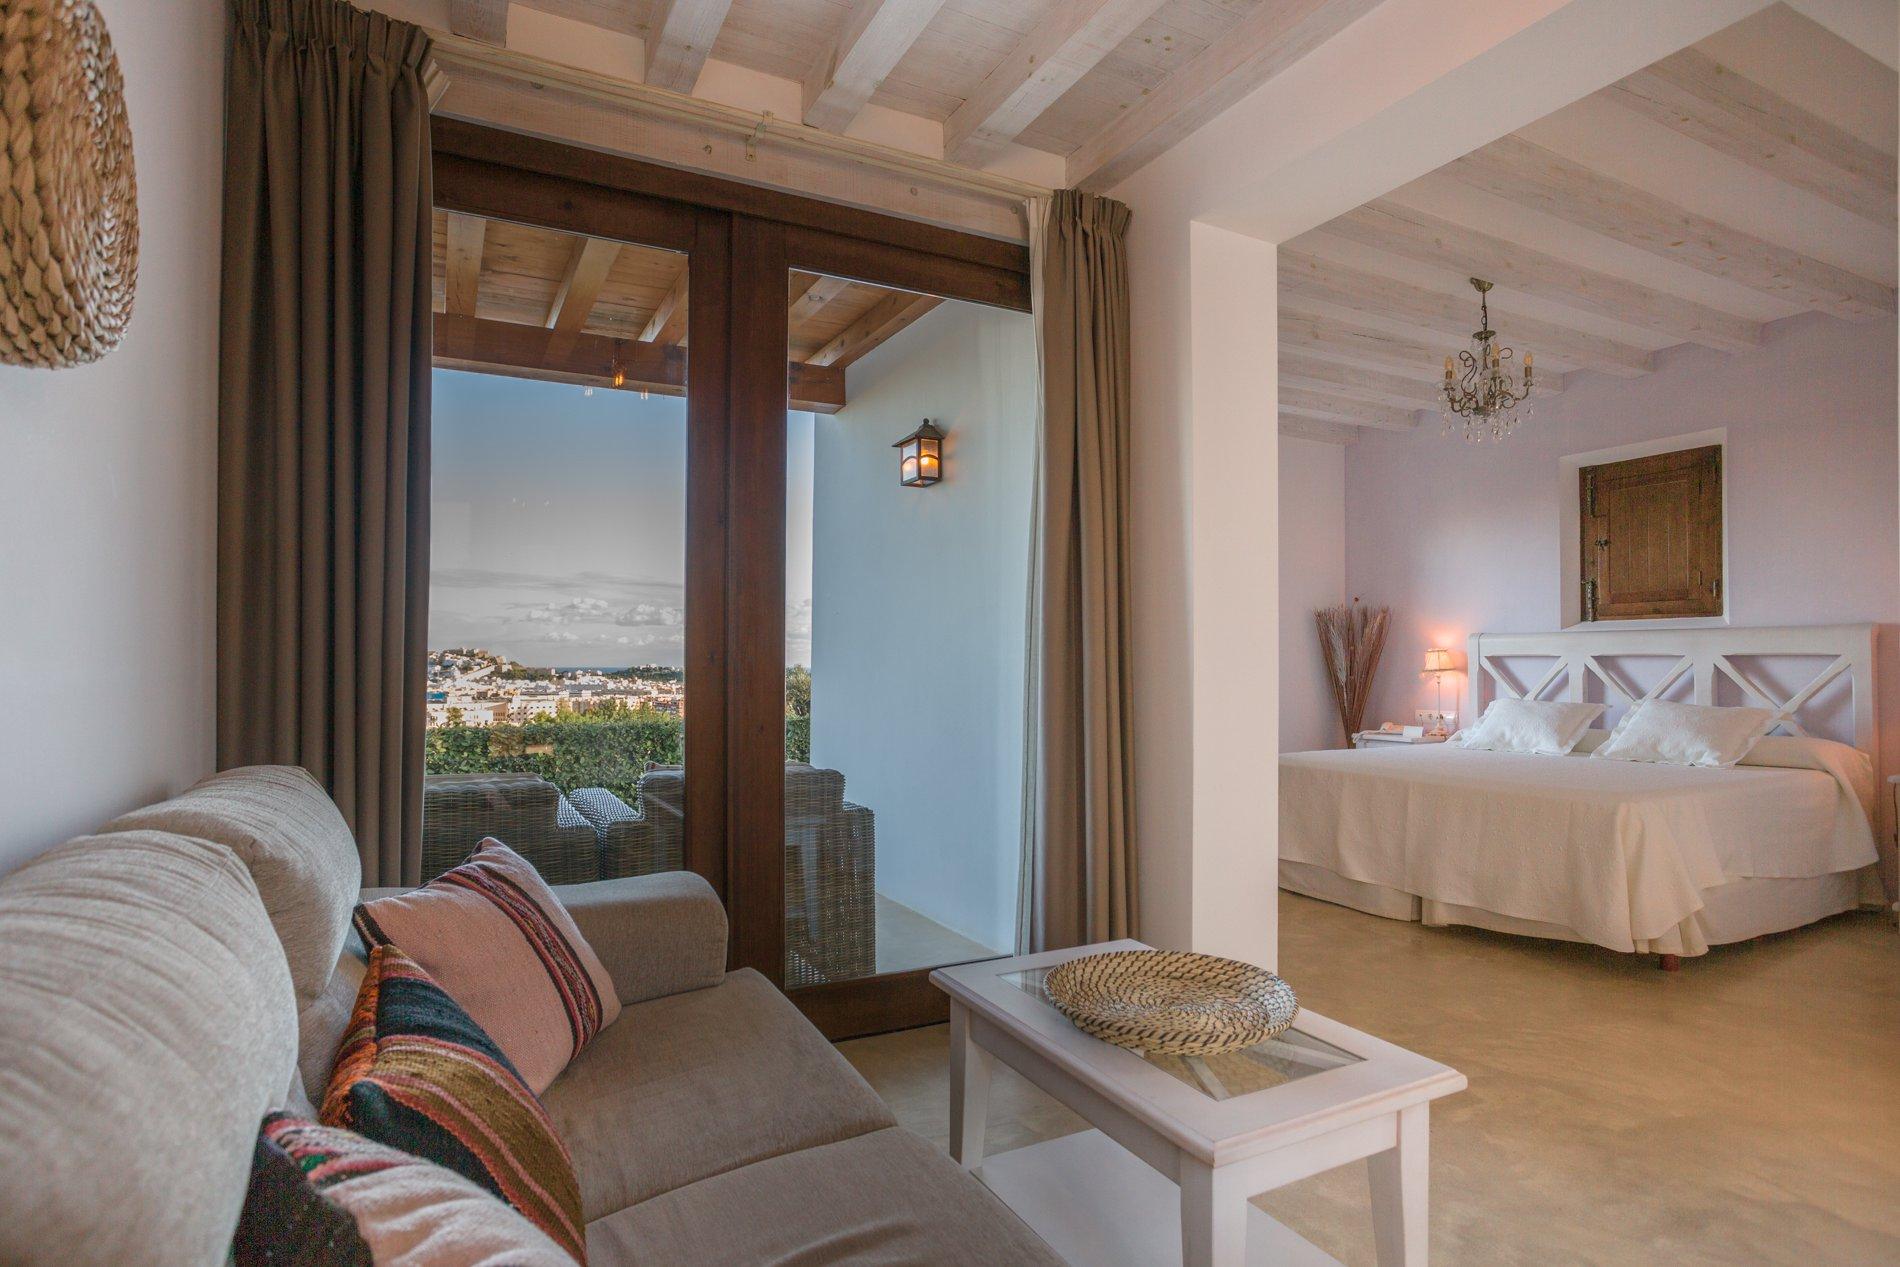 Los tonos blancos, beige y tierra dan calidez a las distintas estancias, que cuentan con una pequeña terraza ajardinada.